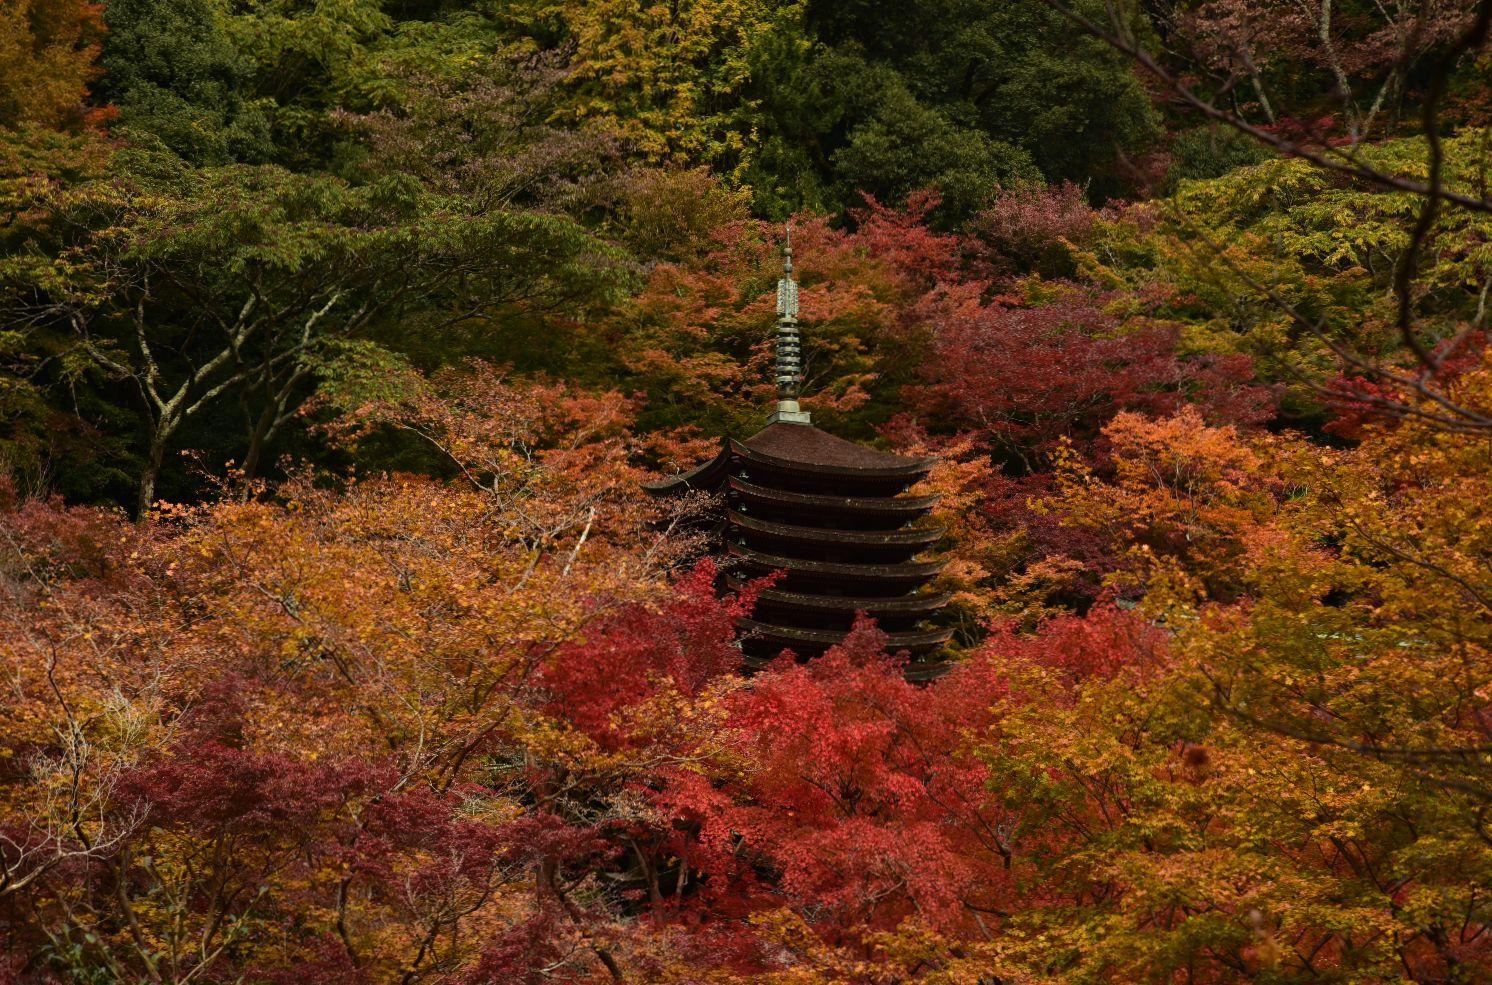 維摩経と談山神社(藤原鎌足)_a0237937_23040974.jpg